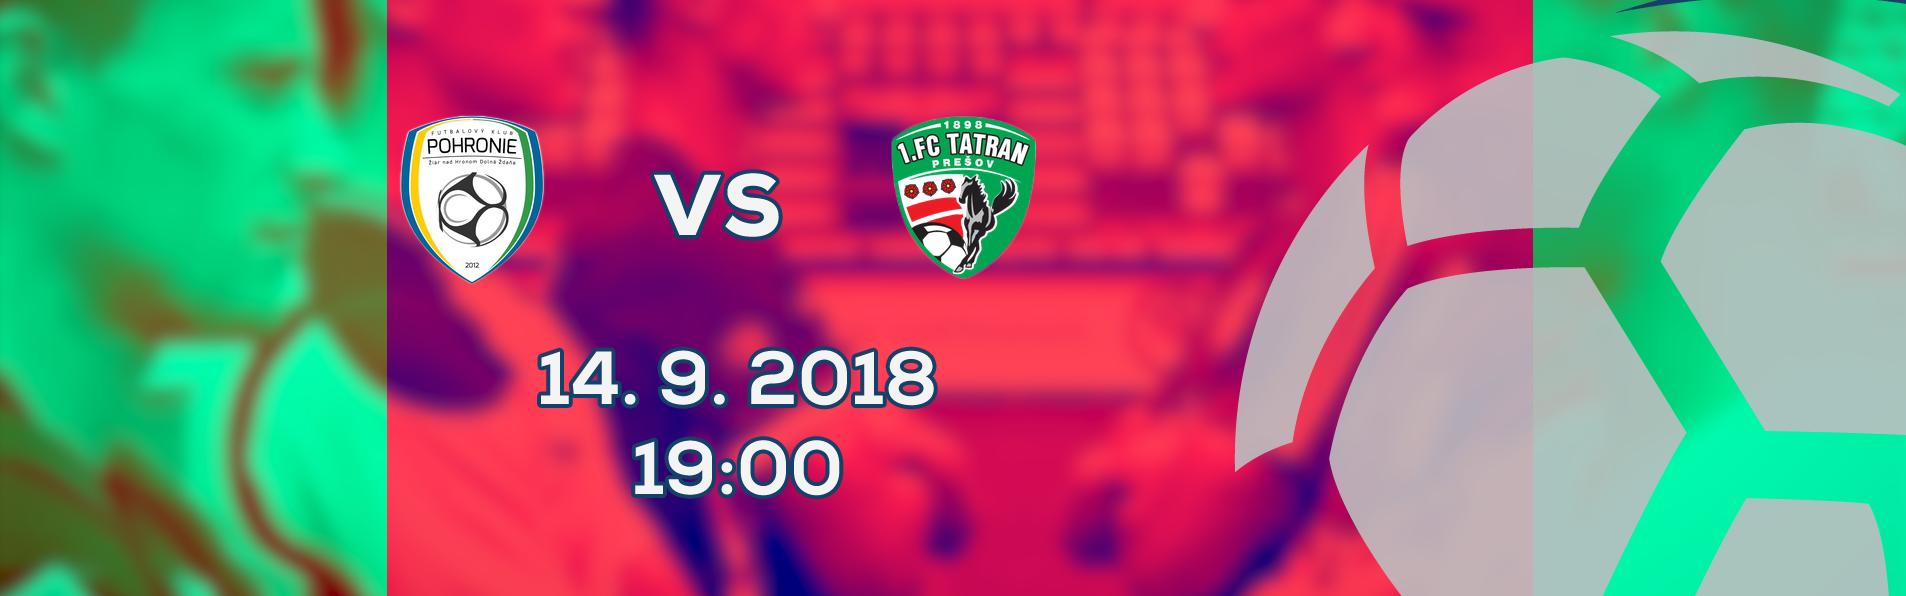 LIVE: 2. LIGA: 14. SEPTEMBRA 2018, 19:00 FK POHRONIE ŽIAR NAD HRONOM DOLNÁ ŽDAŇA – 1. FC TATRAN PREŠOV